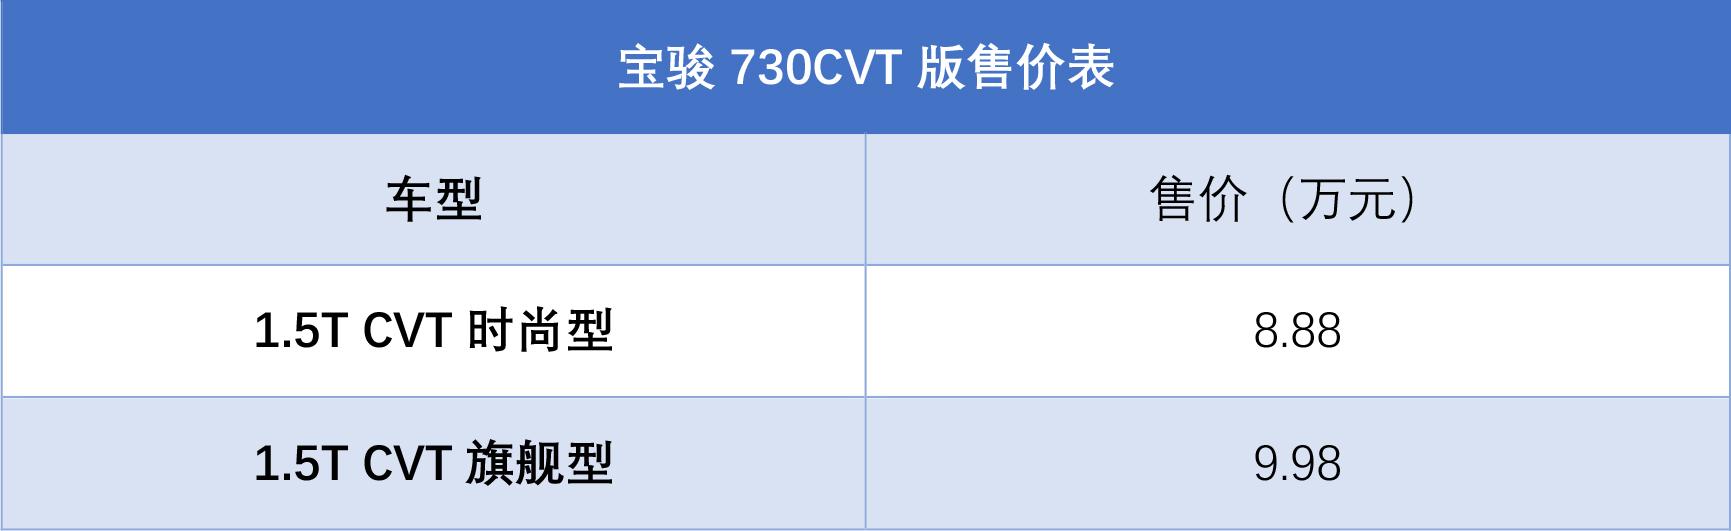 宝骏730新增CVT车型